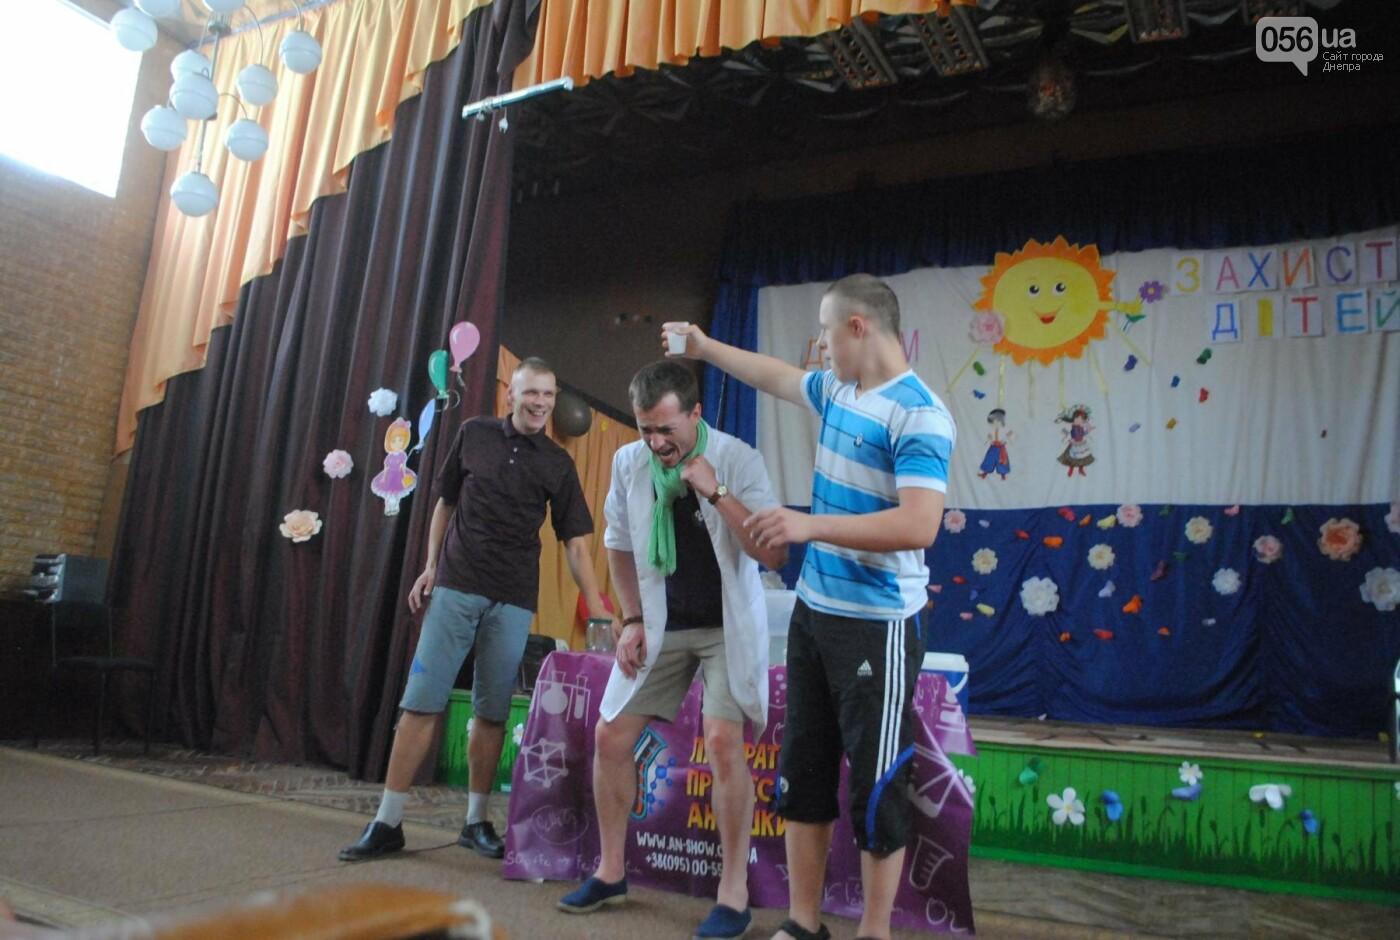 Фонд Александра Петровского поздравил воспитанников интерната, фото-18